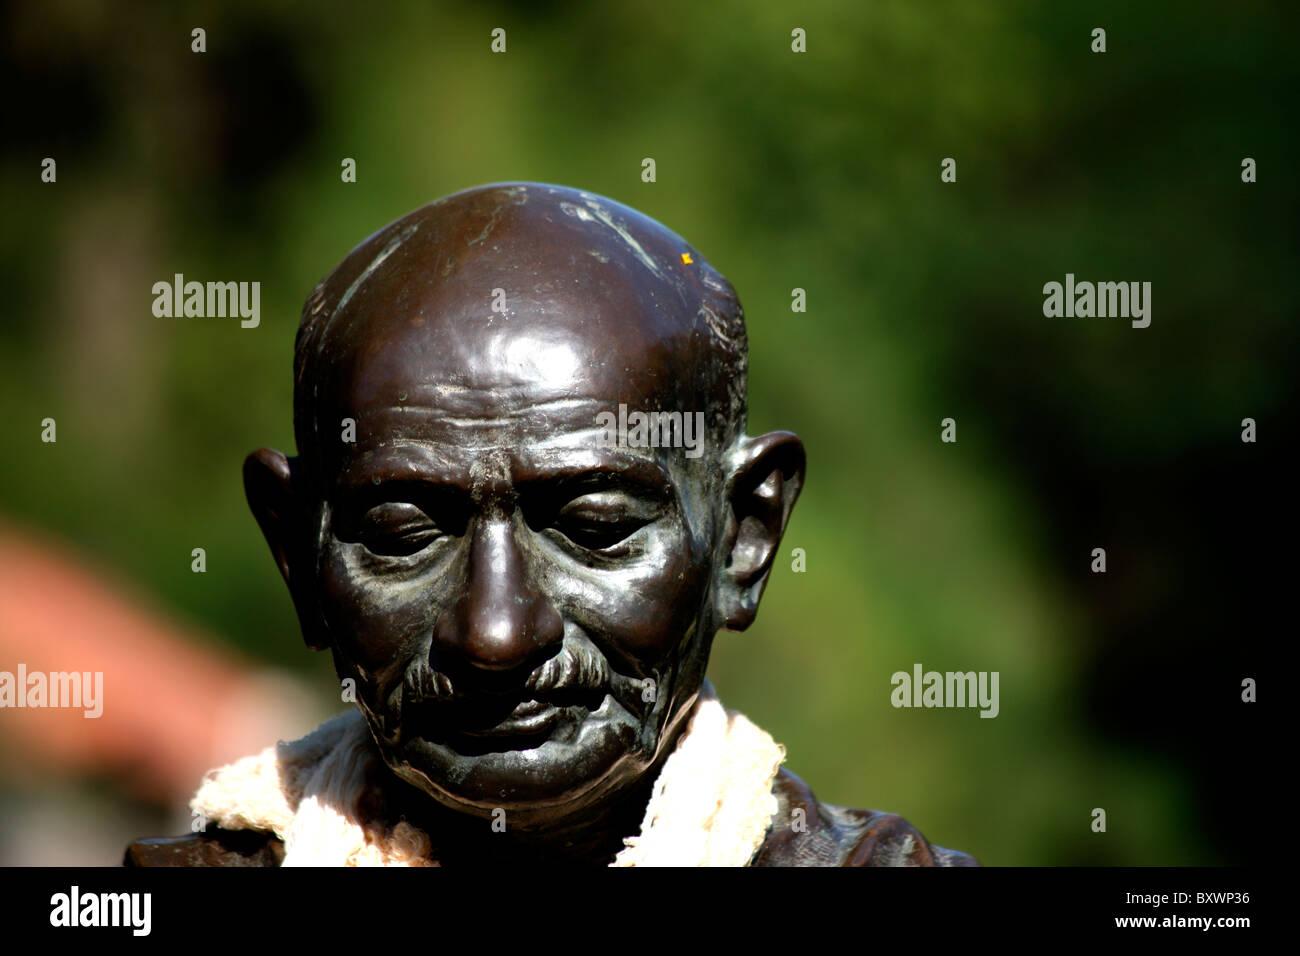 Statua del Mahatma Gandhi, il padre della nazione, India Immagini Stock